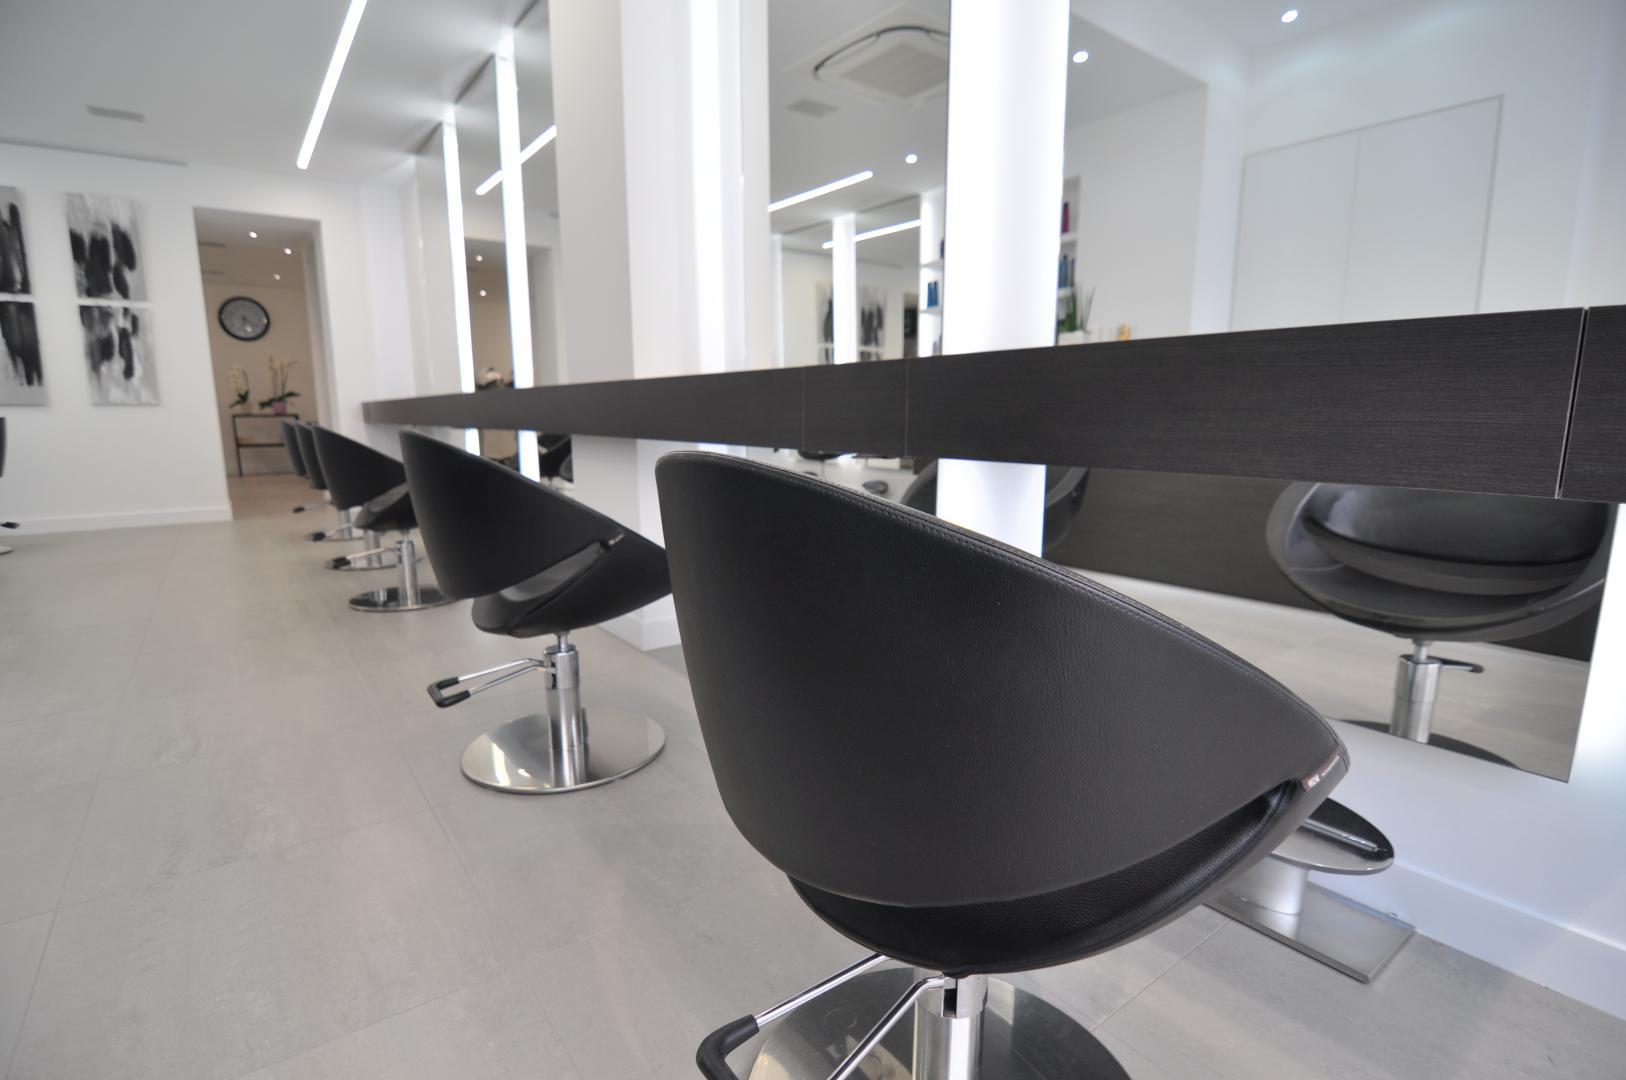 Interieur Kaptafel Styling : Kapsalon haaridee jacobs interieur bree